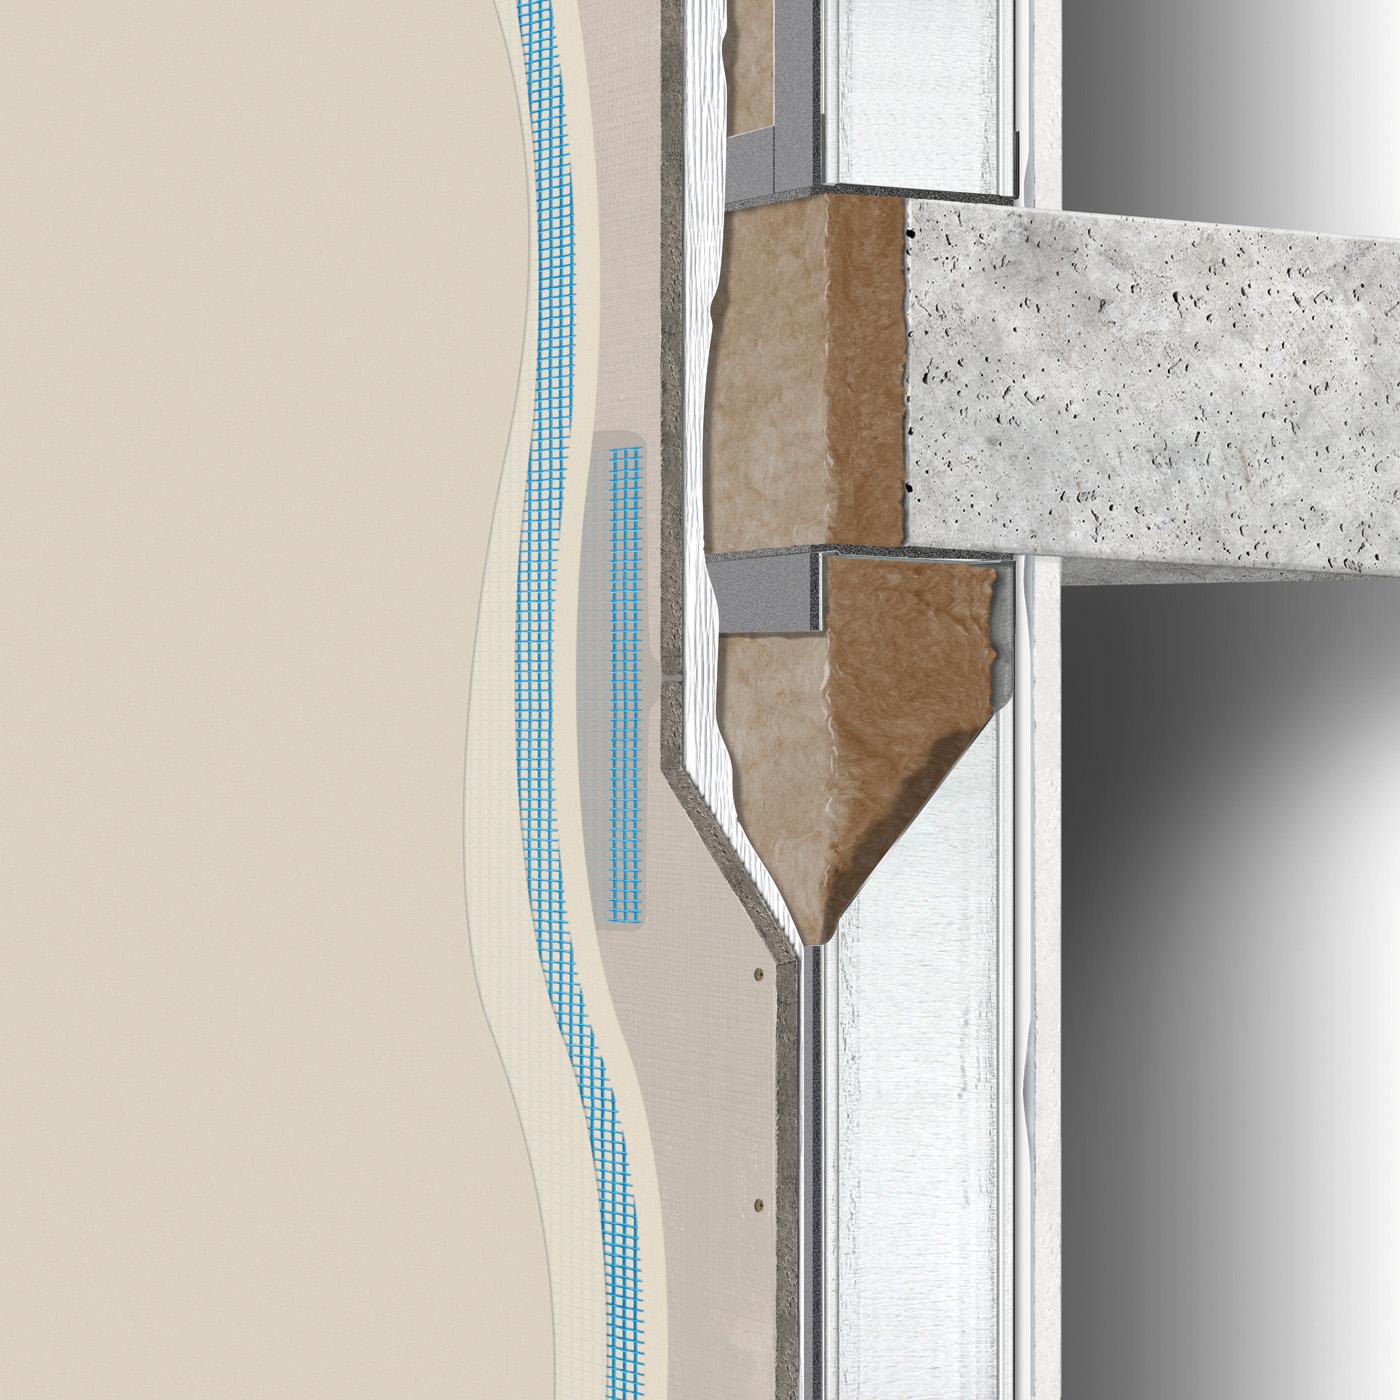 Exterior Walls / Façades